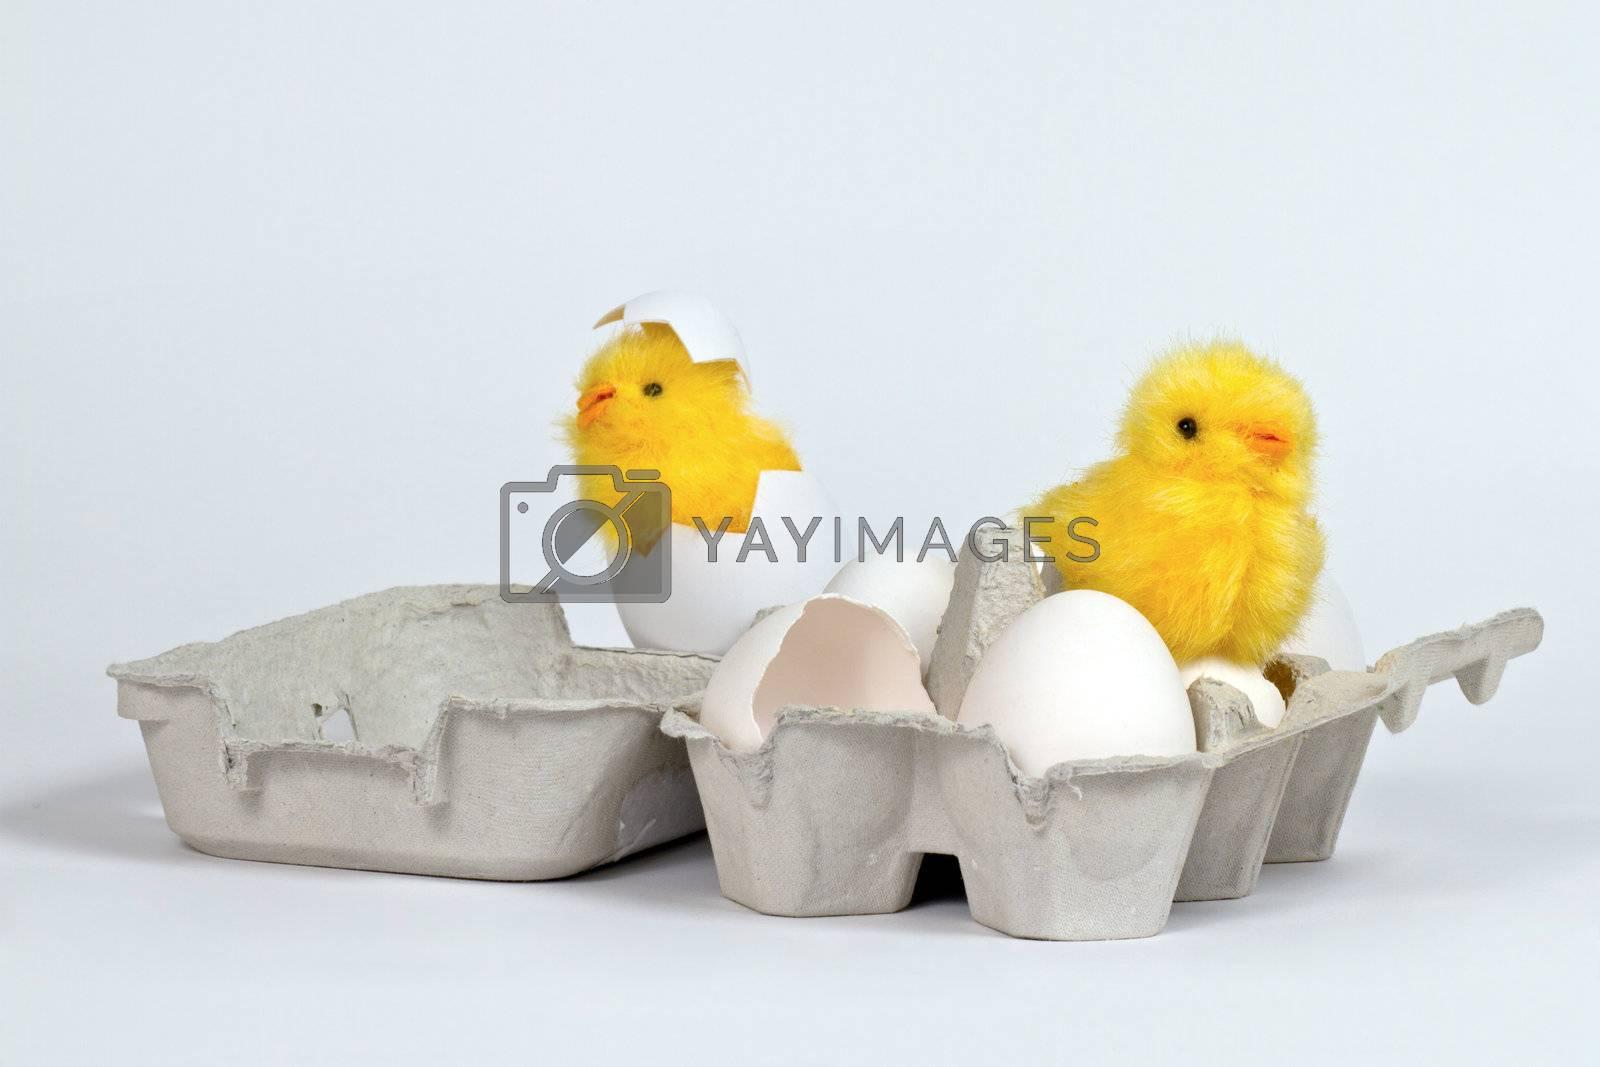 Chicks in eggbox by lavsen